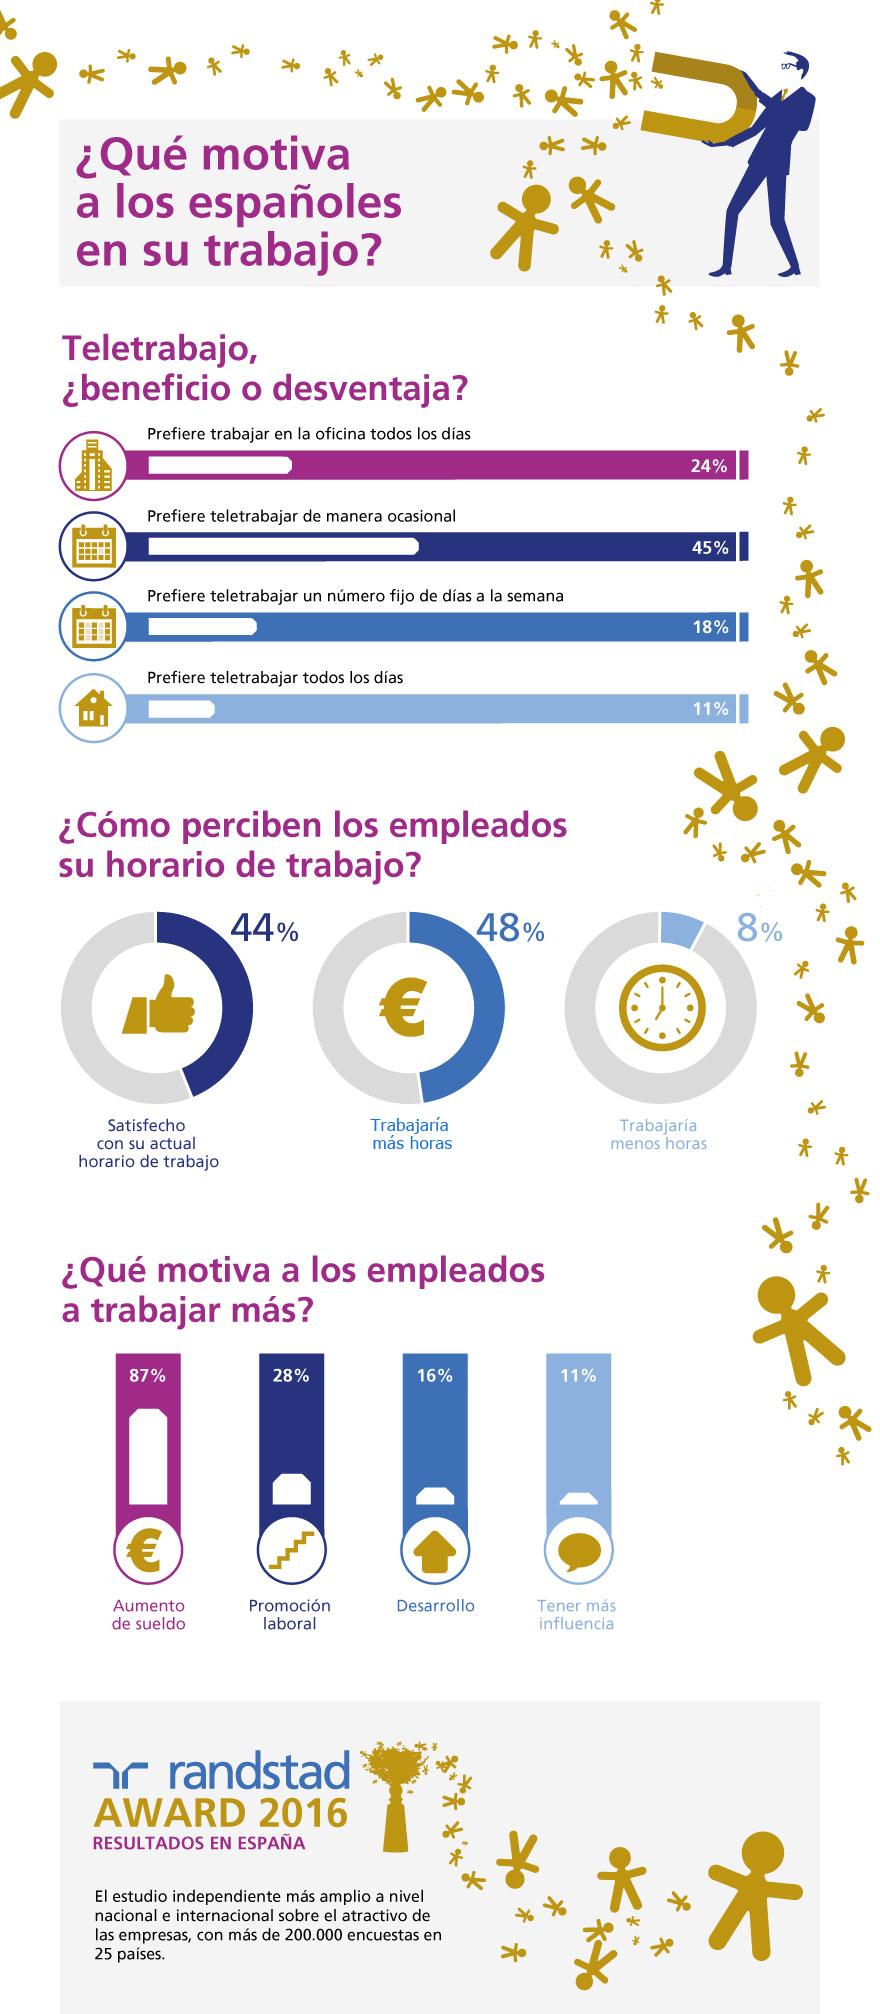 infografia-que-motiva-a-espanoles-en-su-trabajo.jpg